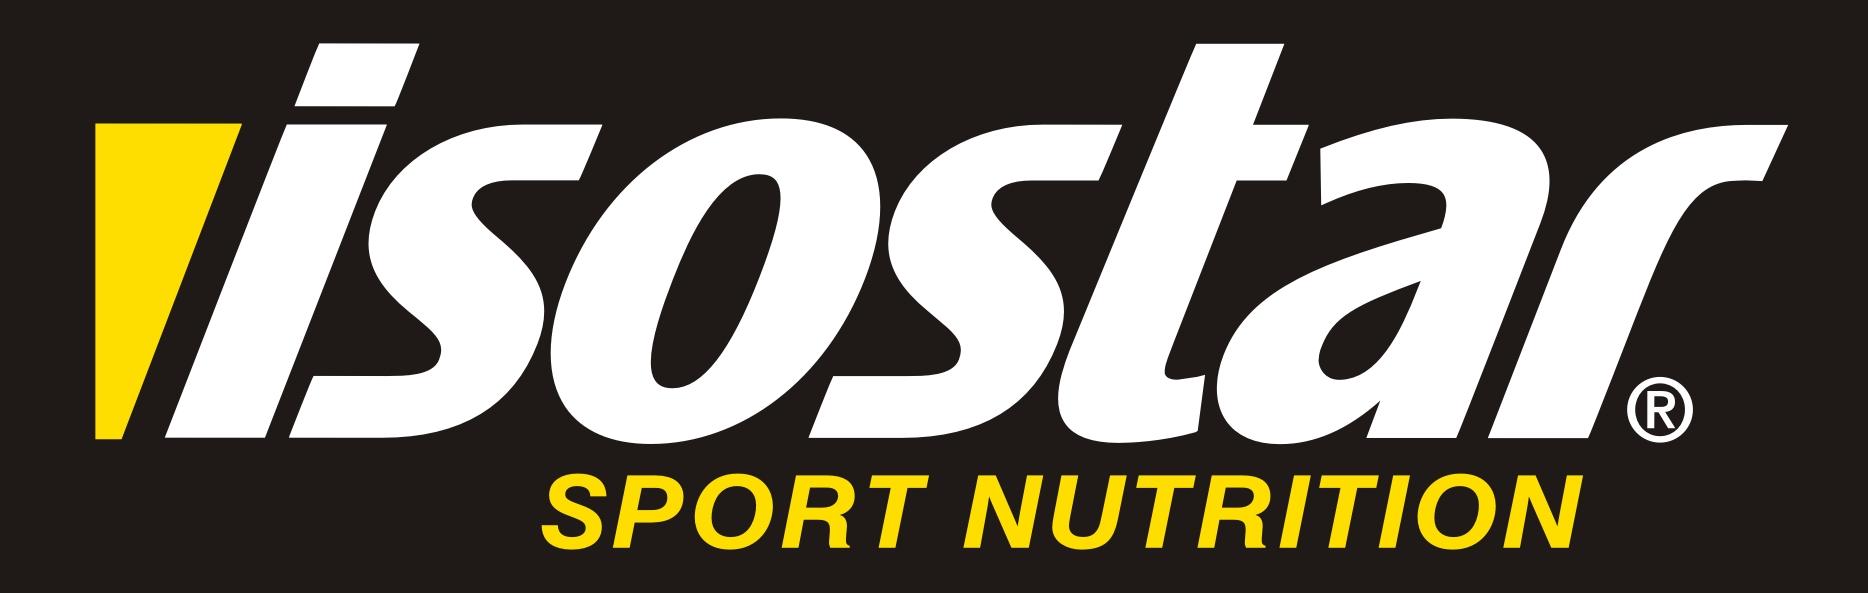 isostar logo - black